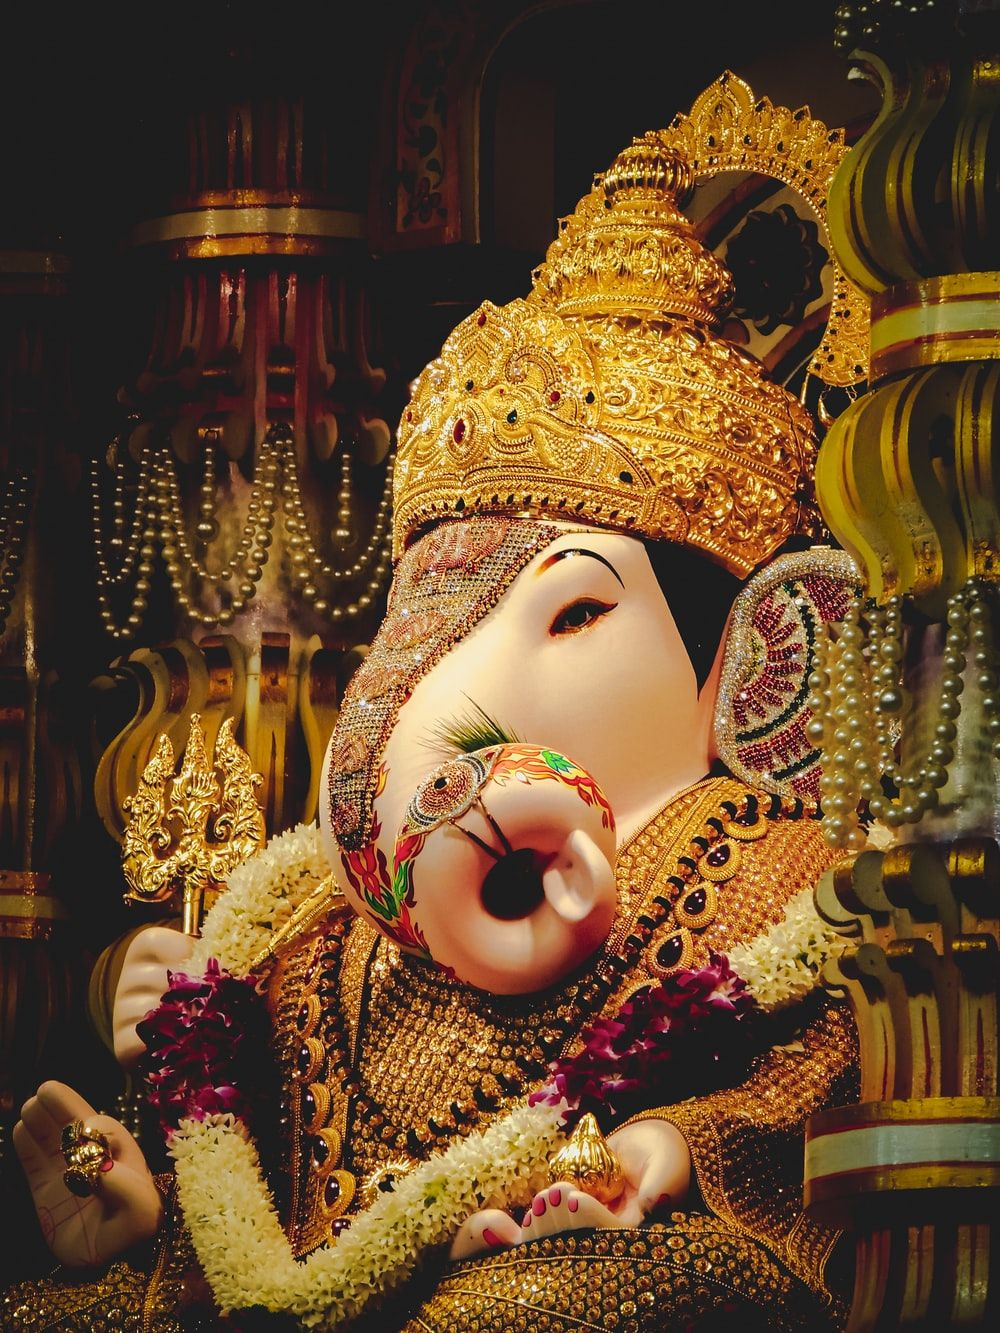 1000x1333 Hình ảnh Chúa Ganesh.  Tải xuống hình ảnh miễn phí trên Unsplash